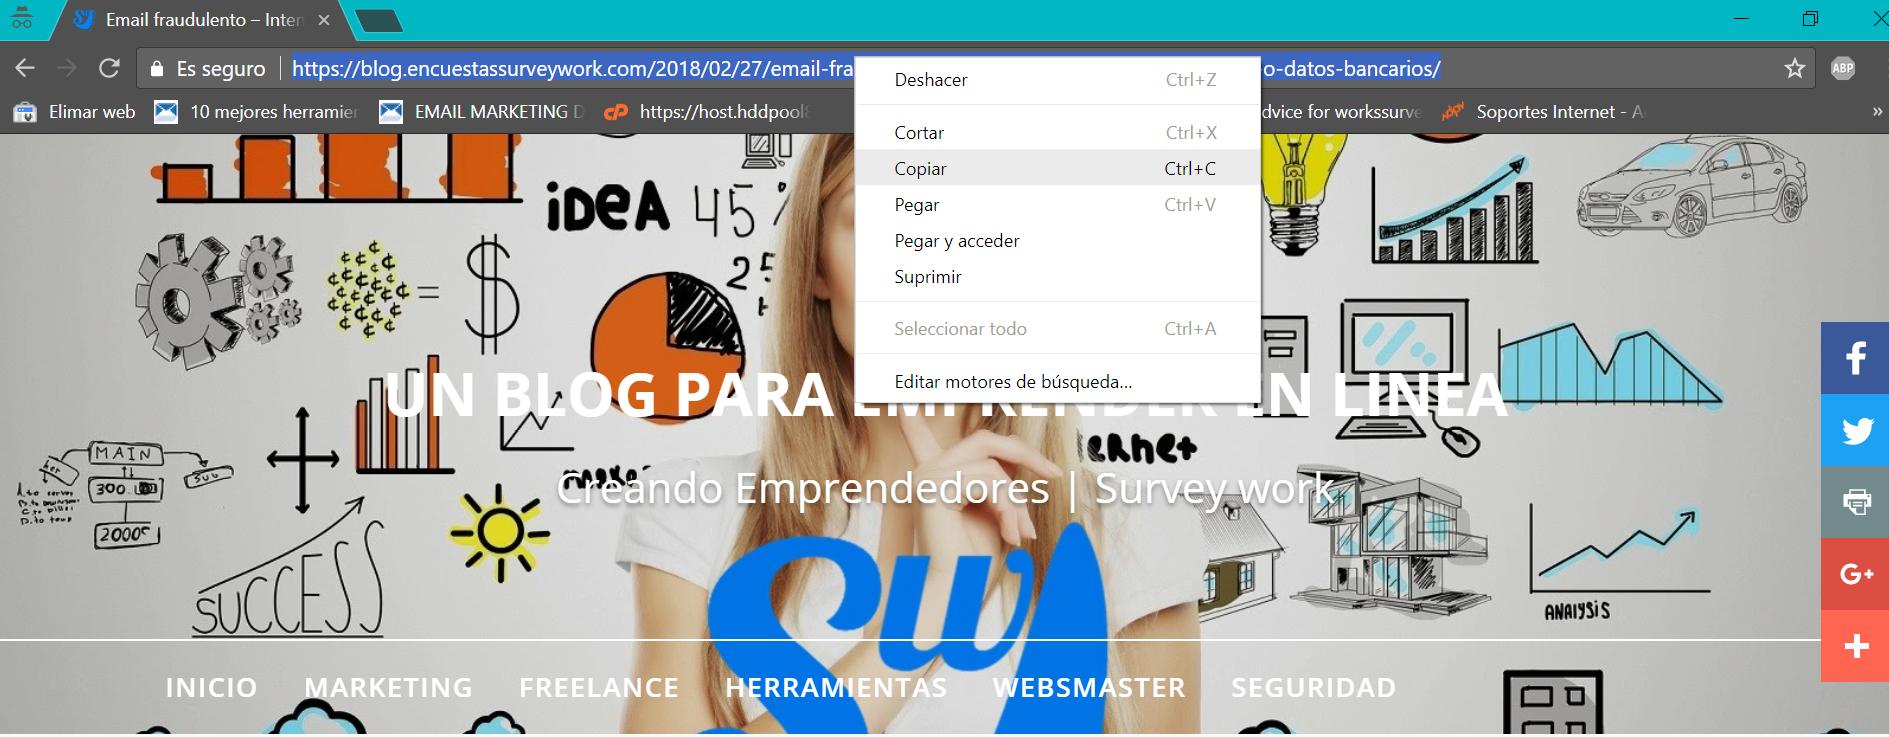 Indexar-web-en-buscadores